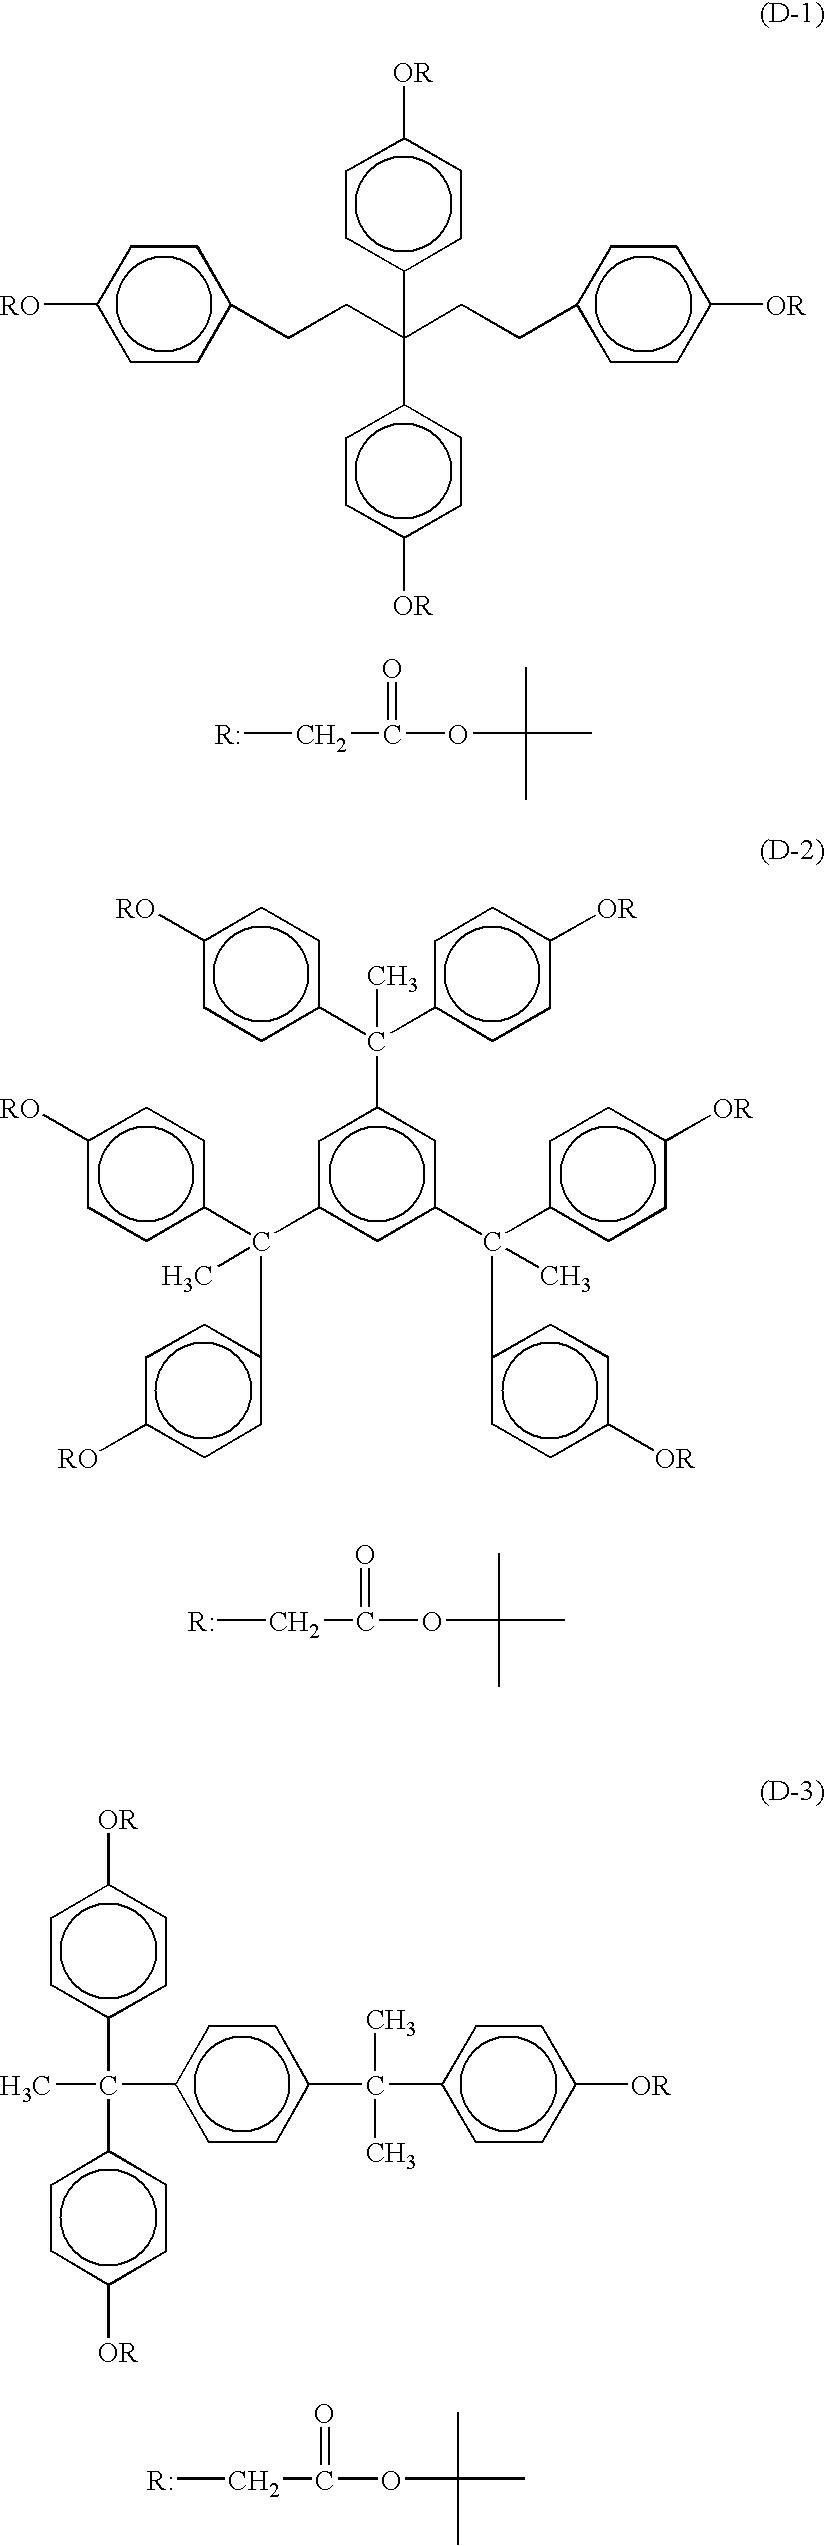 Figure US20070003871A1-20070104-C00095